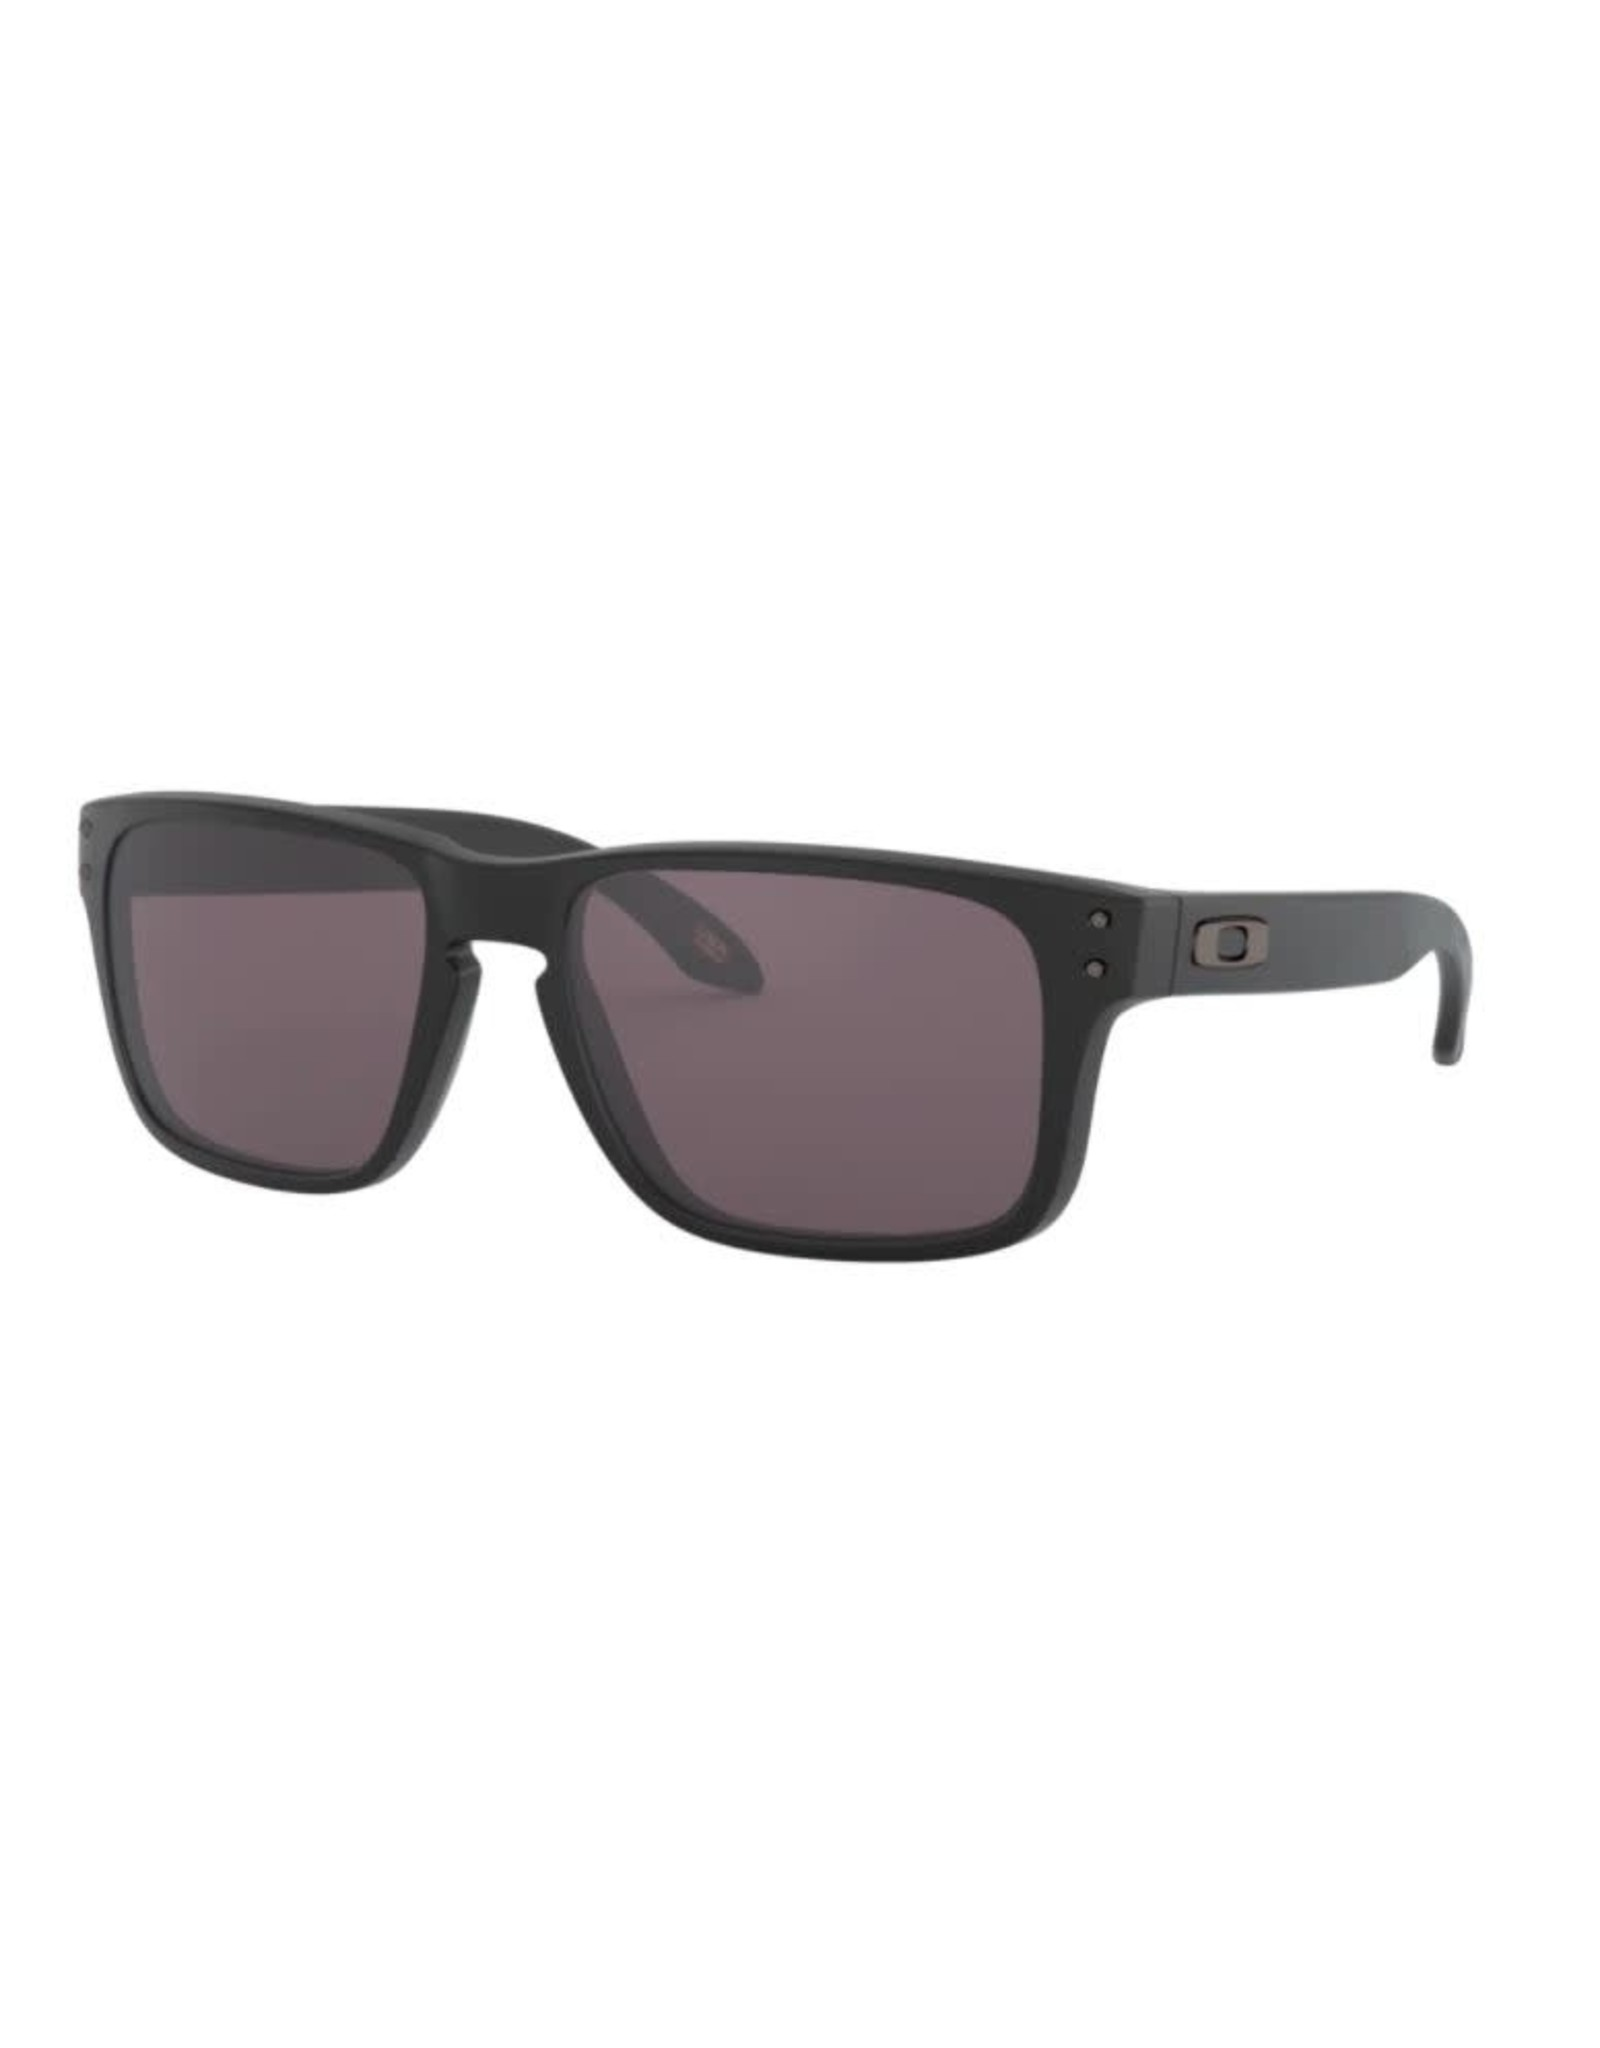 Oakley Oakley - Lunette soleil junior holbrook xs matte black/lens prizm grey